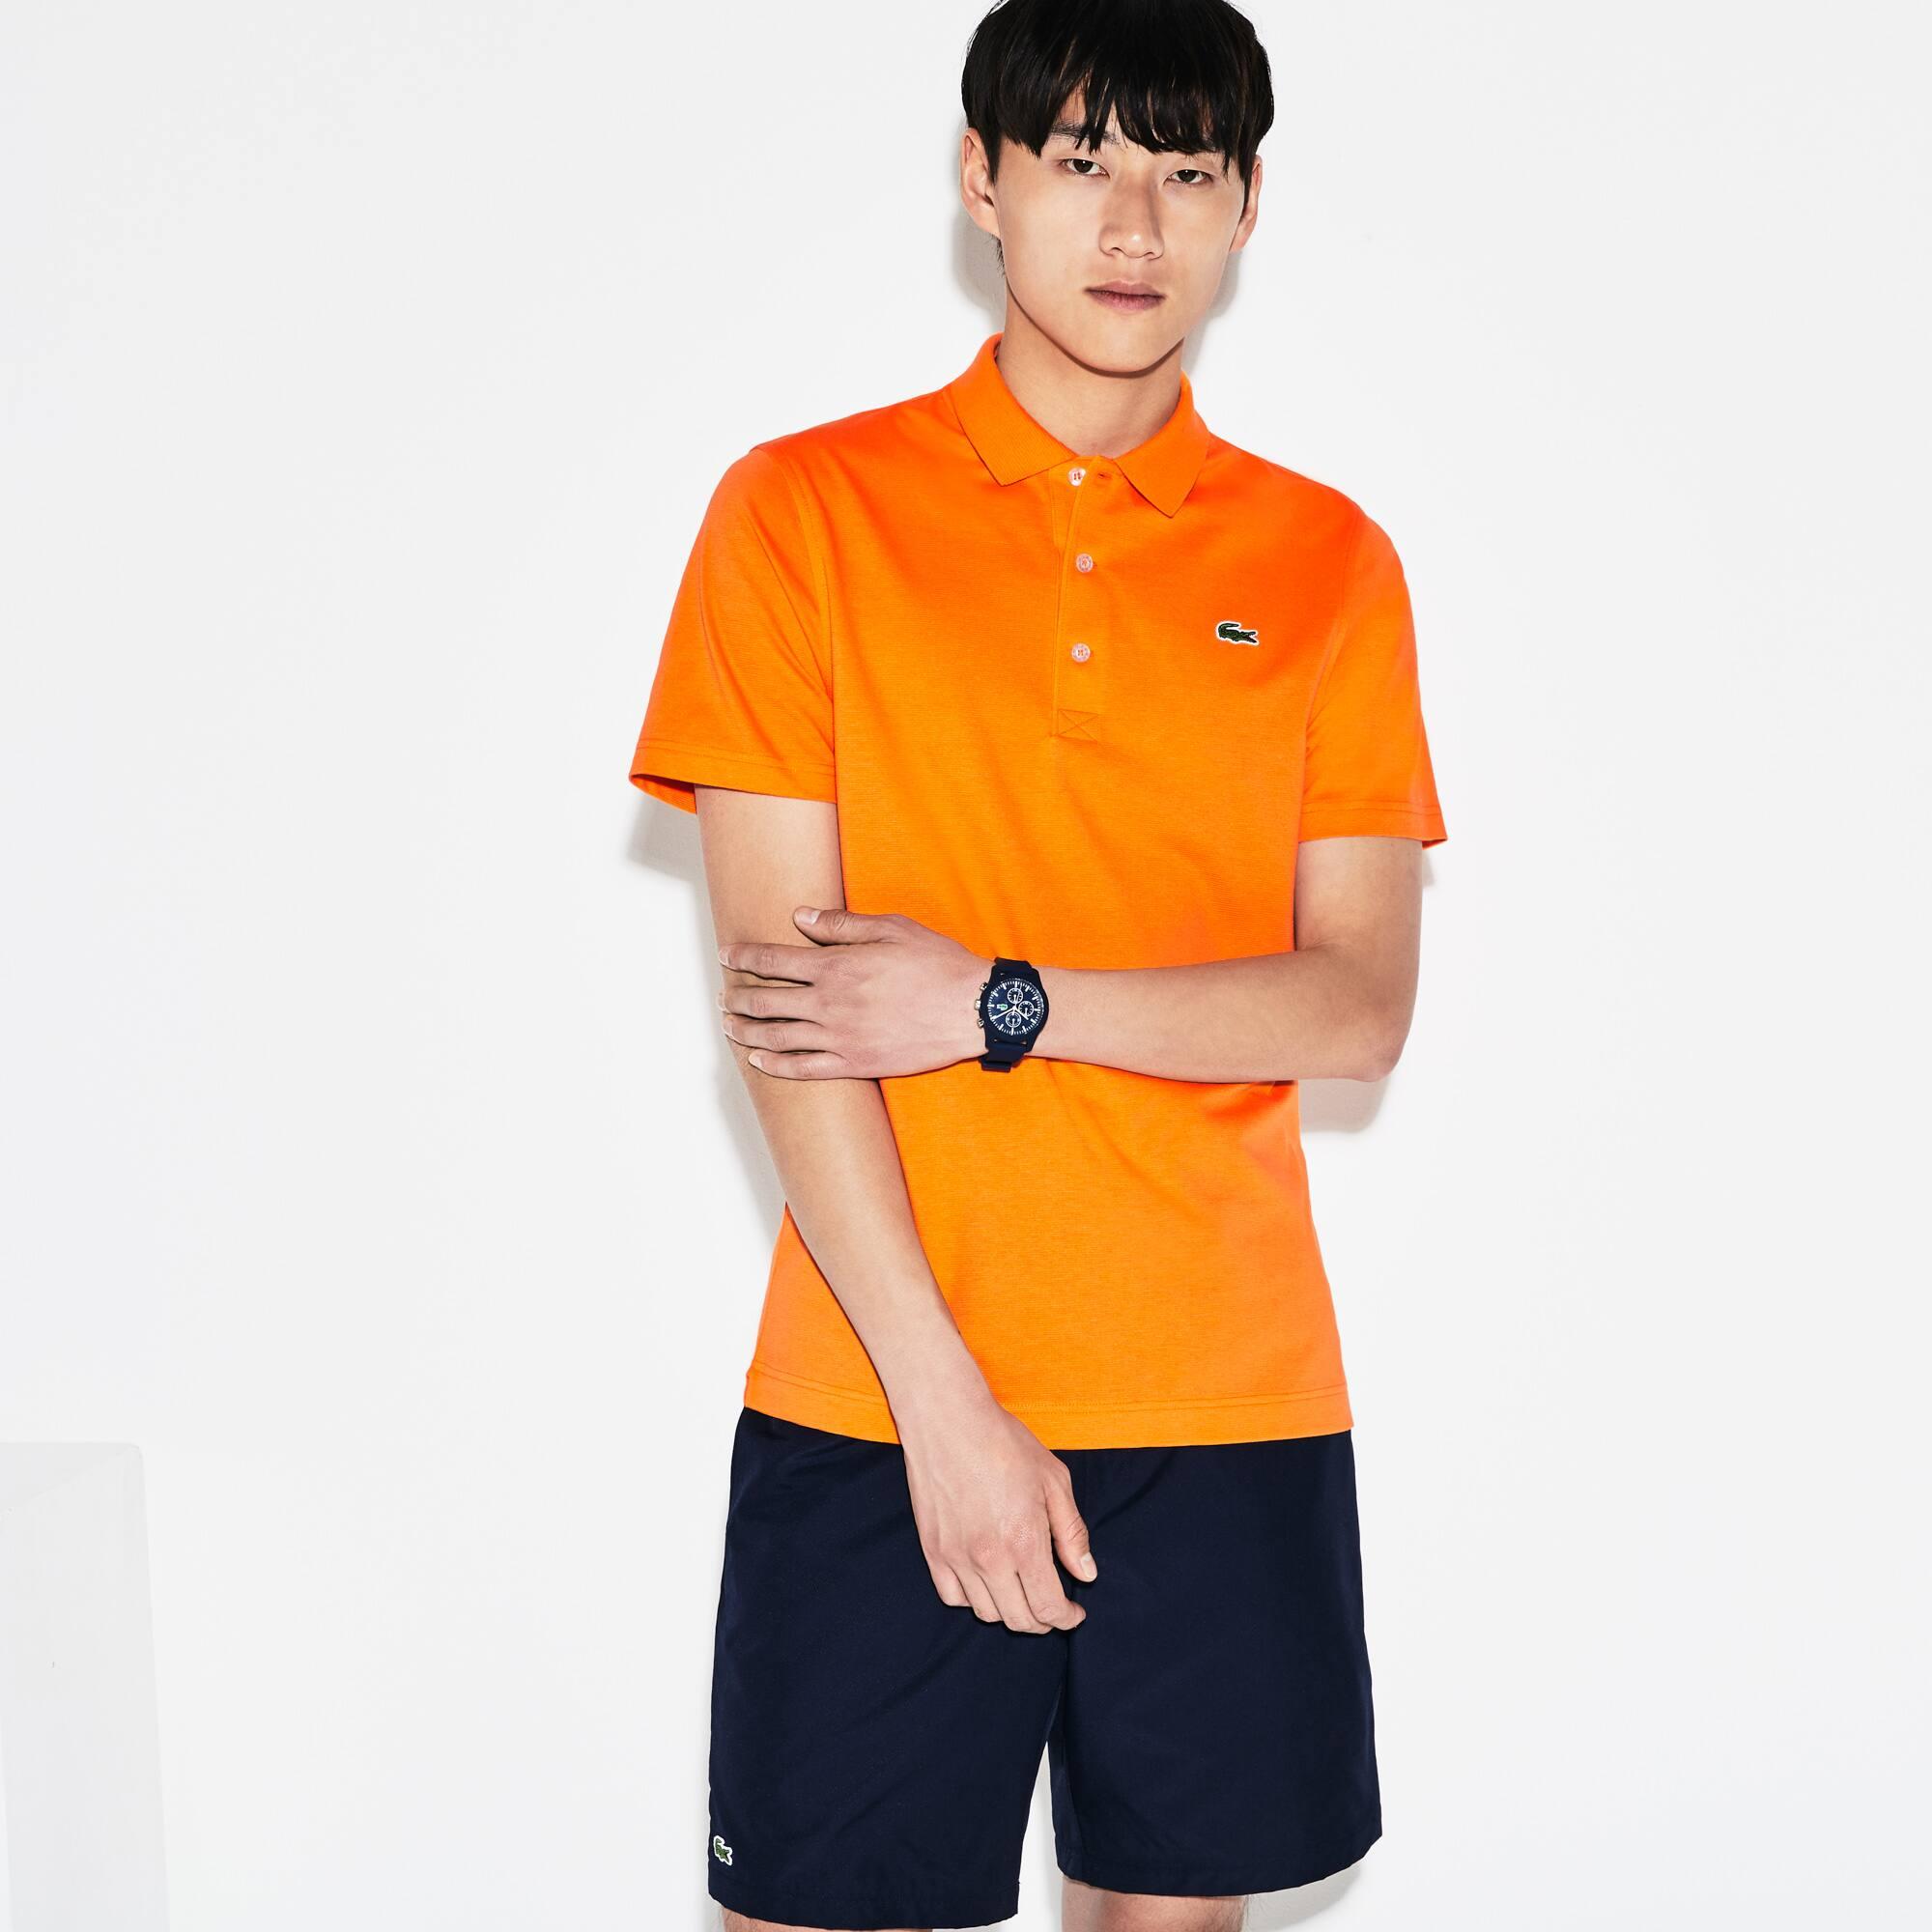 Polo Lacoste SPORT di taglio regolare in maglia ultraleggera